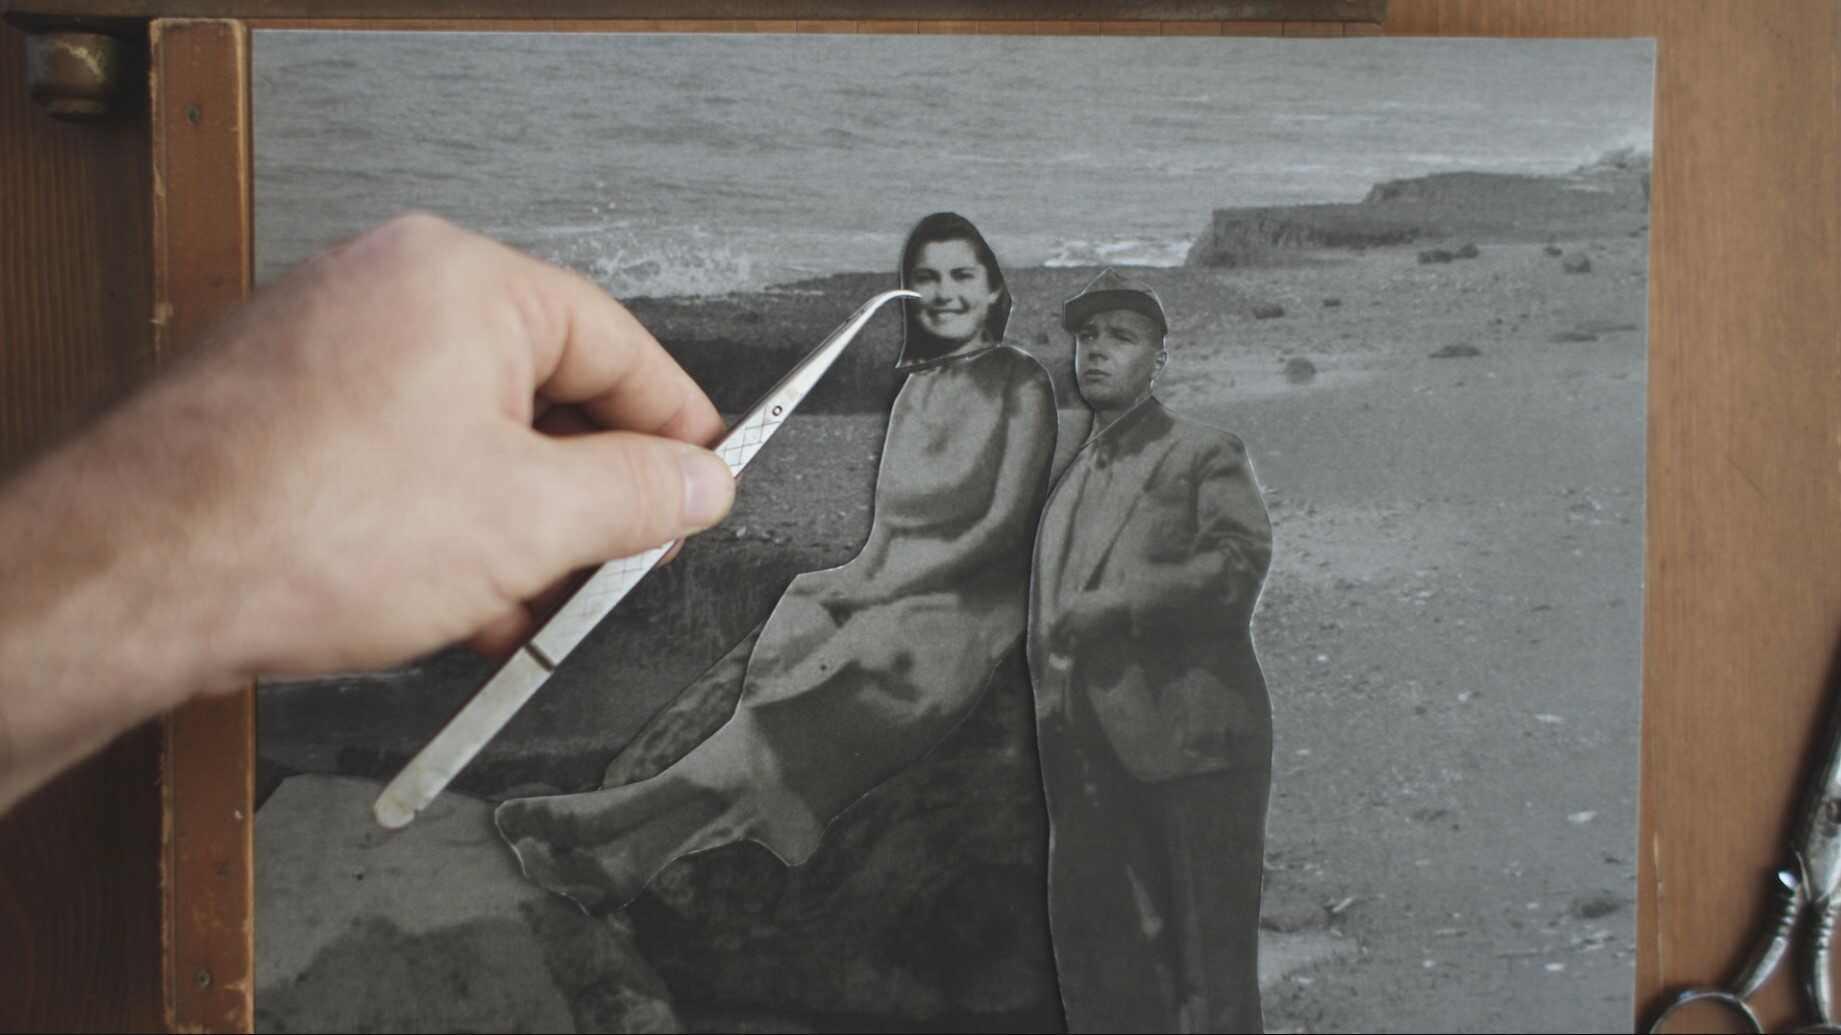 """מגזין ''מקו ועד תרבות'' - ''חפצים'' אהבה זאת לא הייתה</br></br>סרט דוקומנטרי</br>איך לספר סיפור חיים בלתי אפשרי ממחנה אושוויץ במאה ה- 21באין-חומרים?</br>וכאן הסיפור הנוסף הגדול – """"האיך"""" סופר הסיפור."""